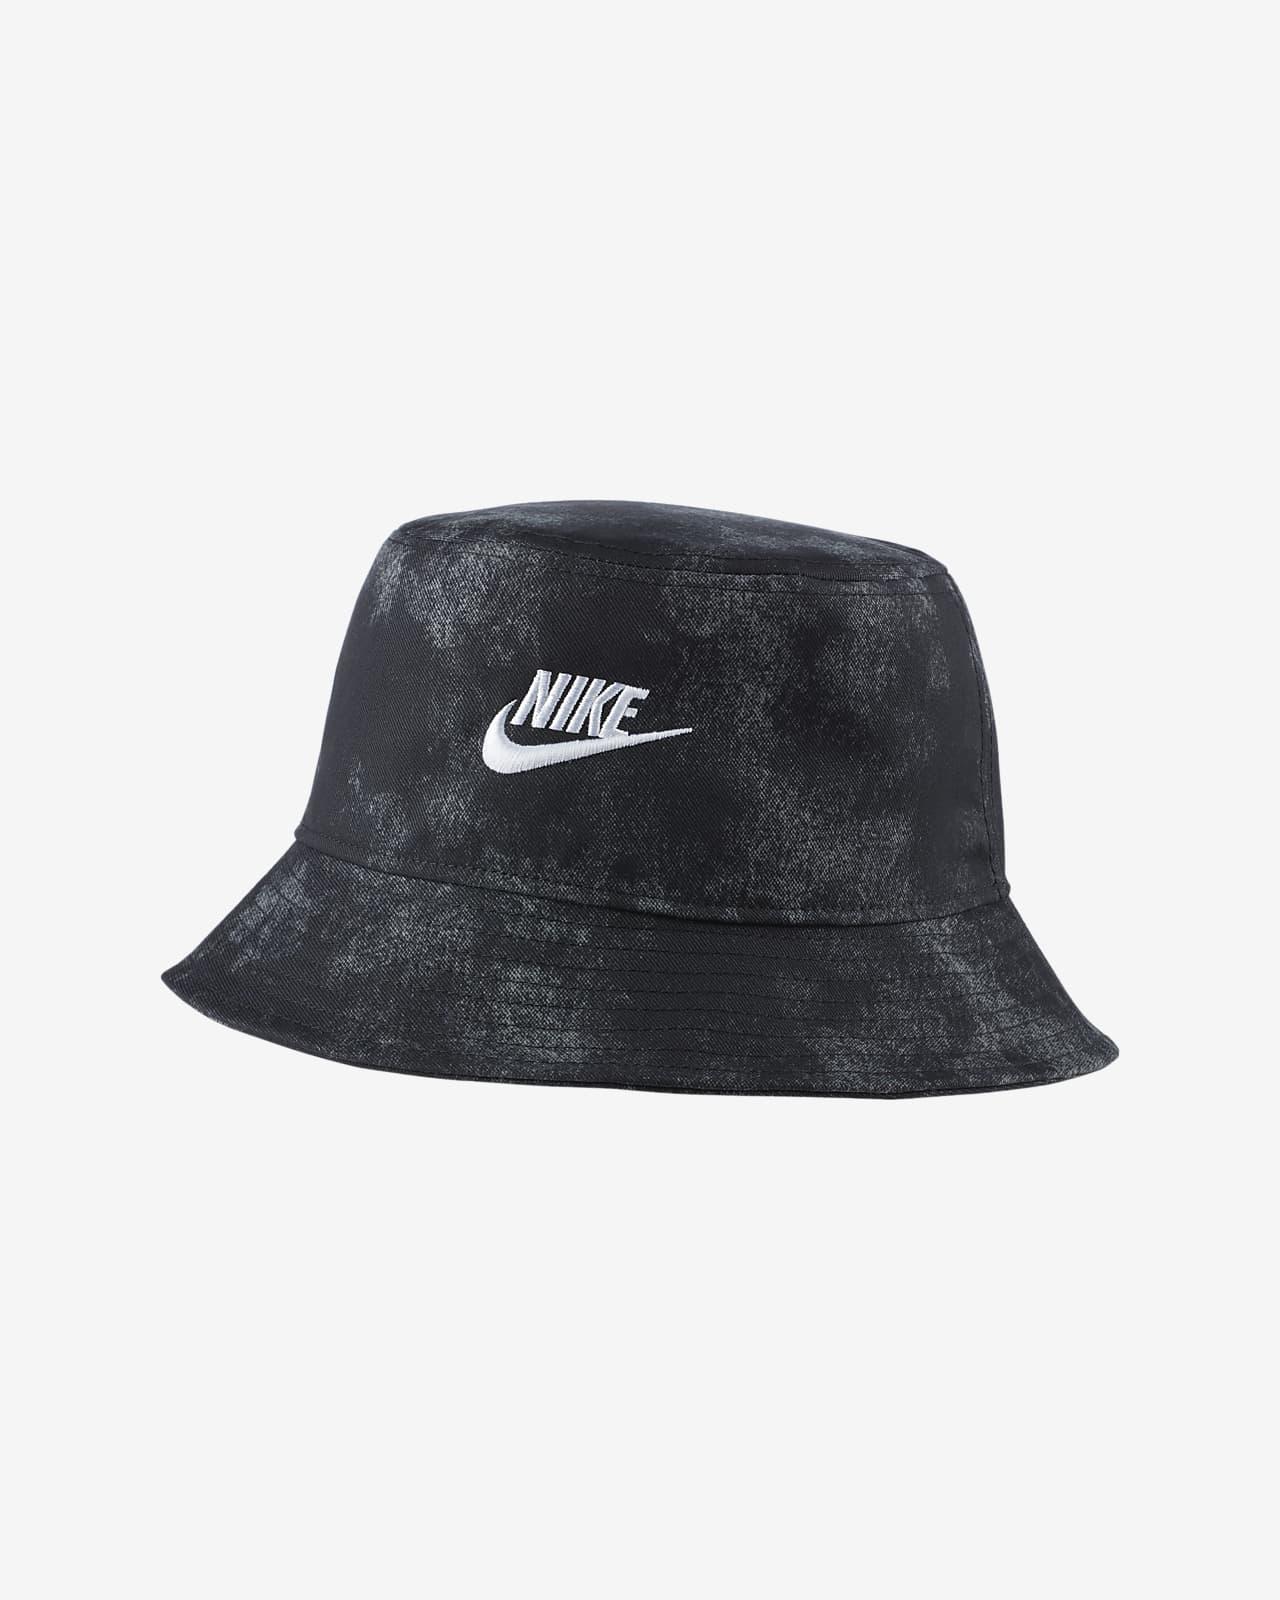 Nike Sportswear Tie-Dye 渔夫运动帽